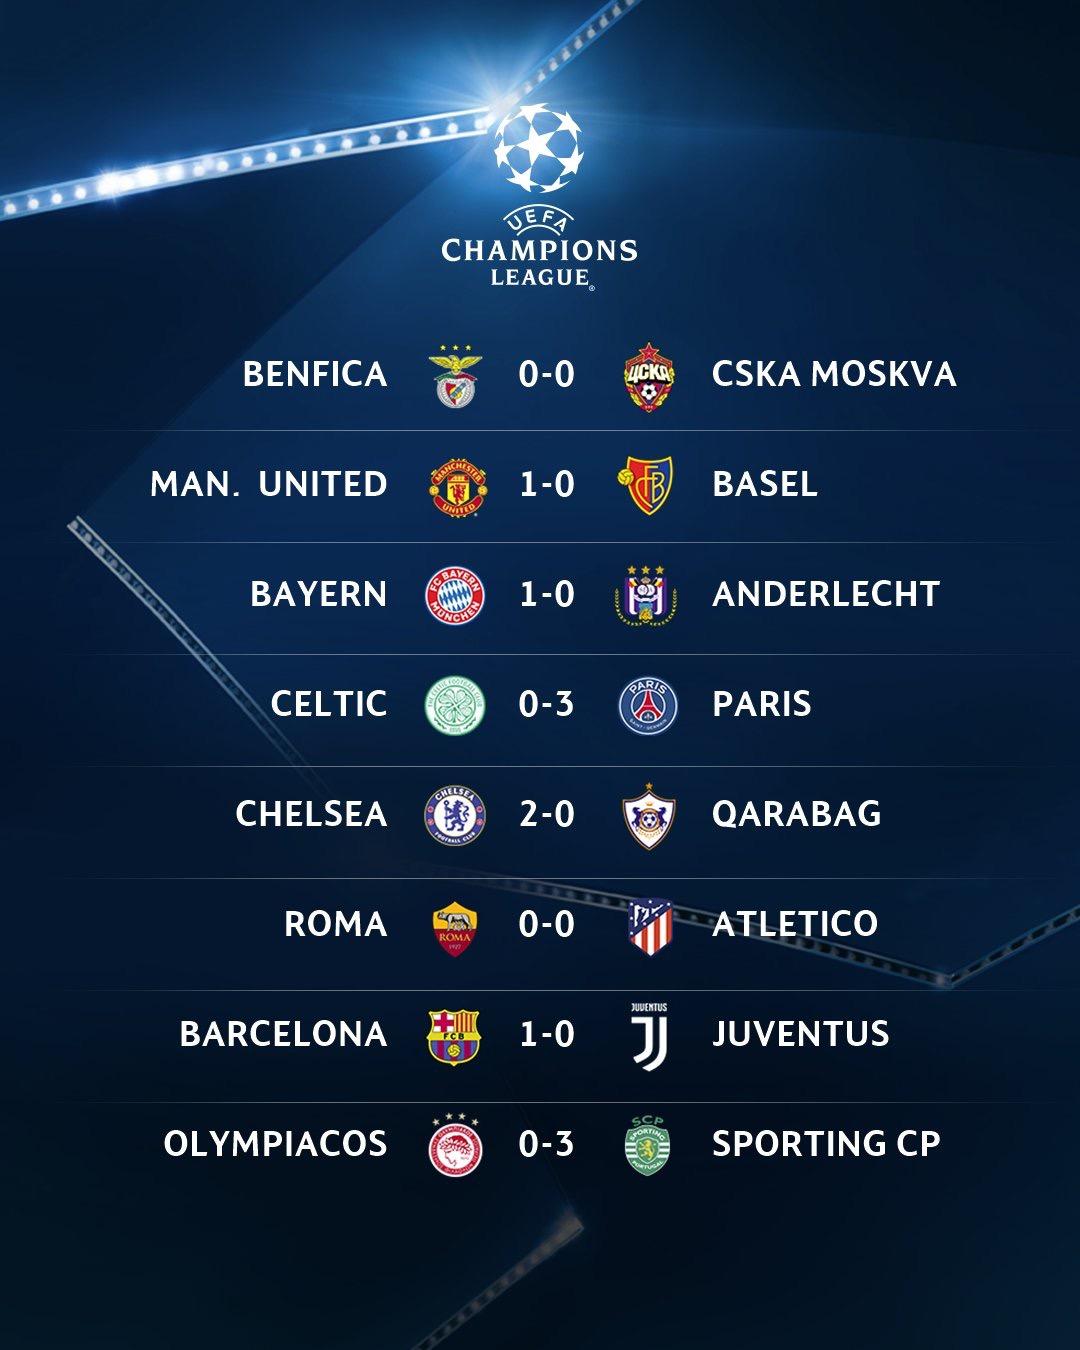 Première journée Ligue des champions : Les résultats à la mi-temps-ci